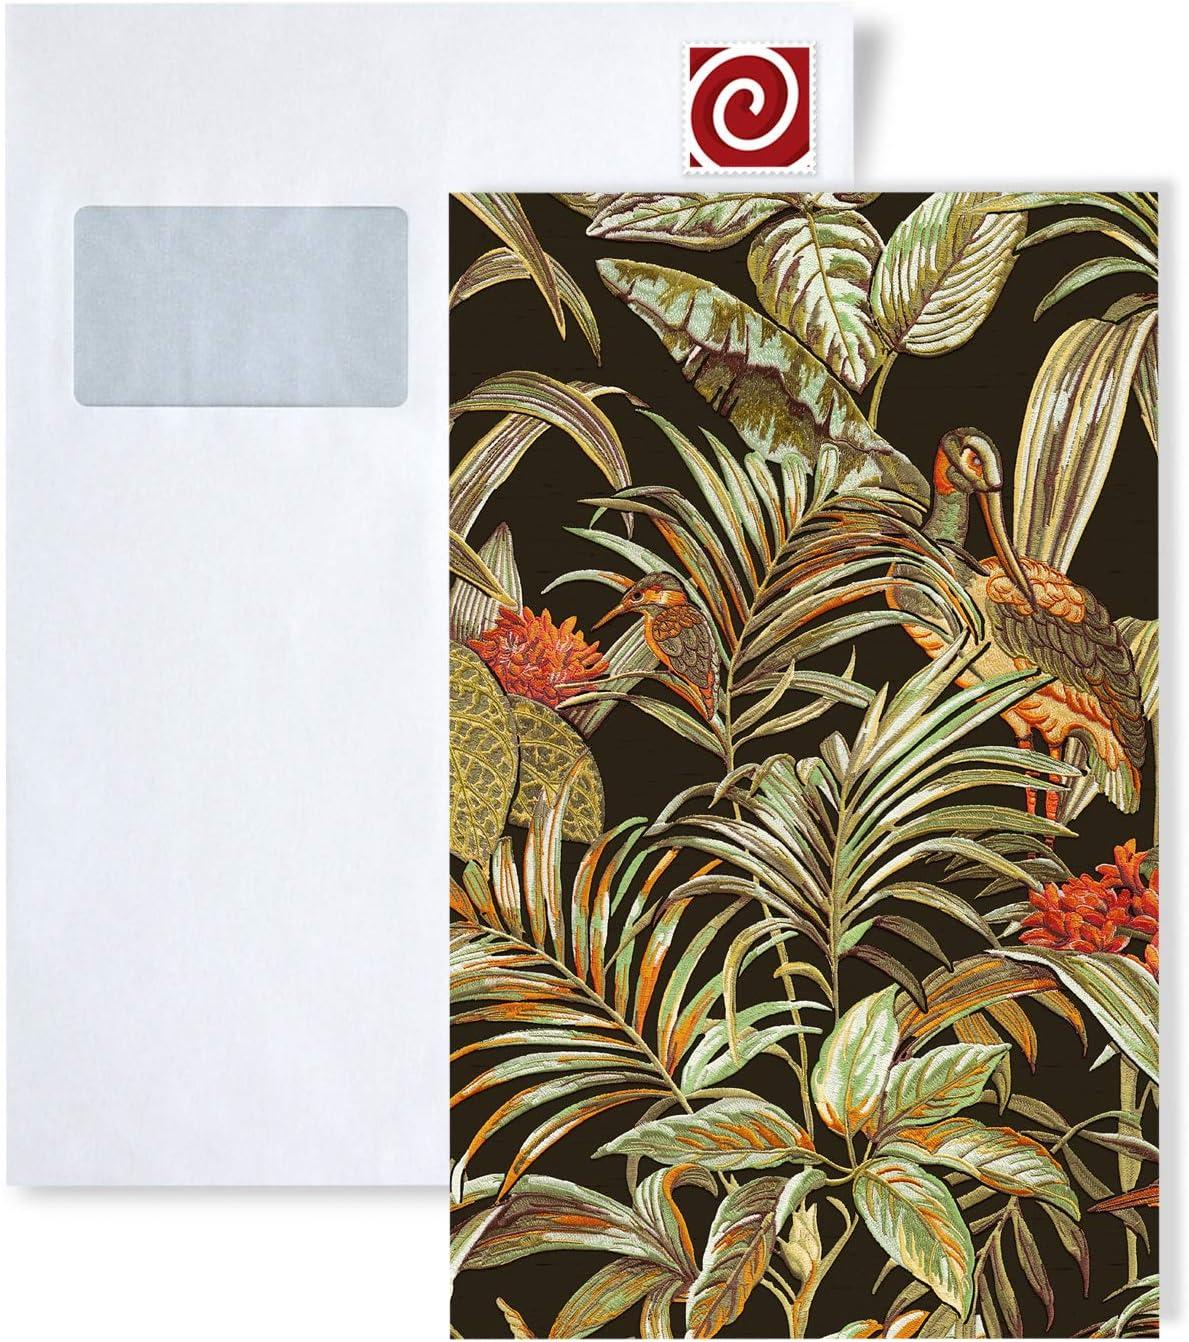 /ÉCHANTILLON de Papier peint intiss/é au format A4 1 /ÉCHANTILLON S-DE120015-DI Profhome FANCY Papier peint intiss/é motif doiseau exotique